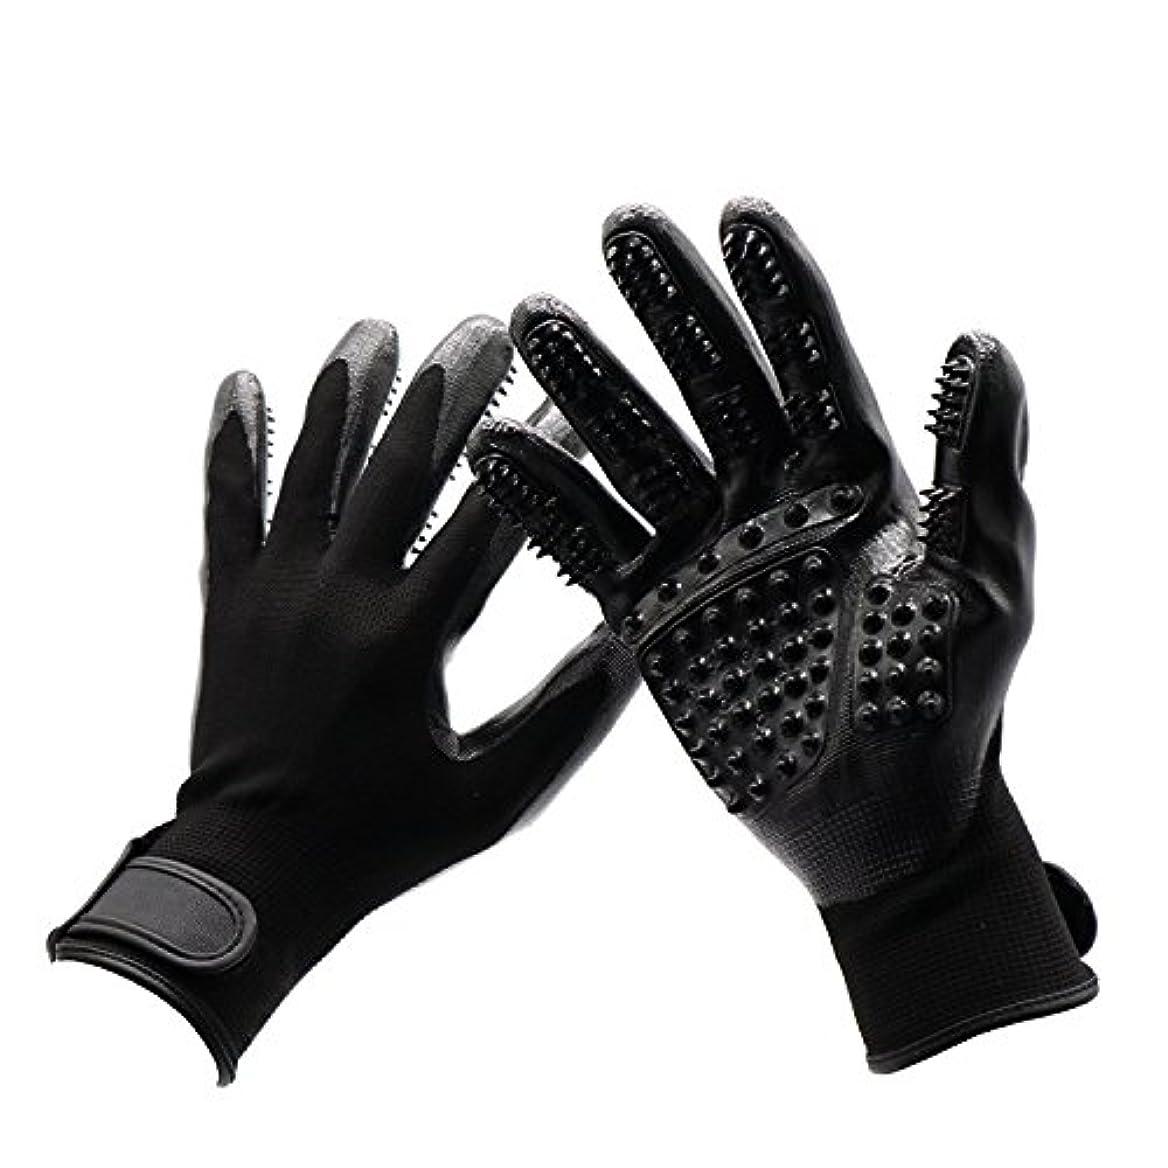 ステッチ不機嫌固体BTXXYJP 手袋 ペット ブラシ 猫 ブラシ グローブ クリーナー 抜け毛取り マッサージブラシ 犬 グローブ ペット毛取りブラシ お手入れ (Color : Black, Size : L- 9.6*5.5in)